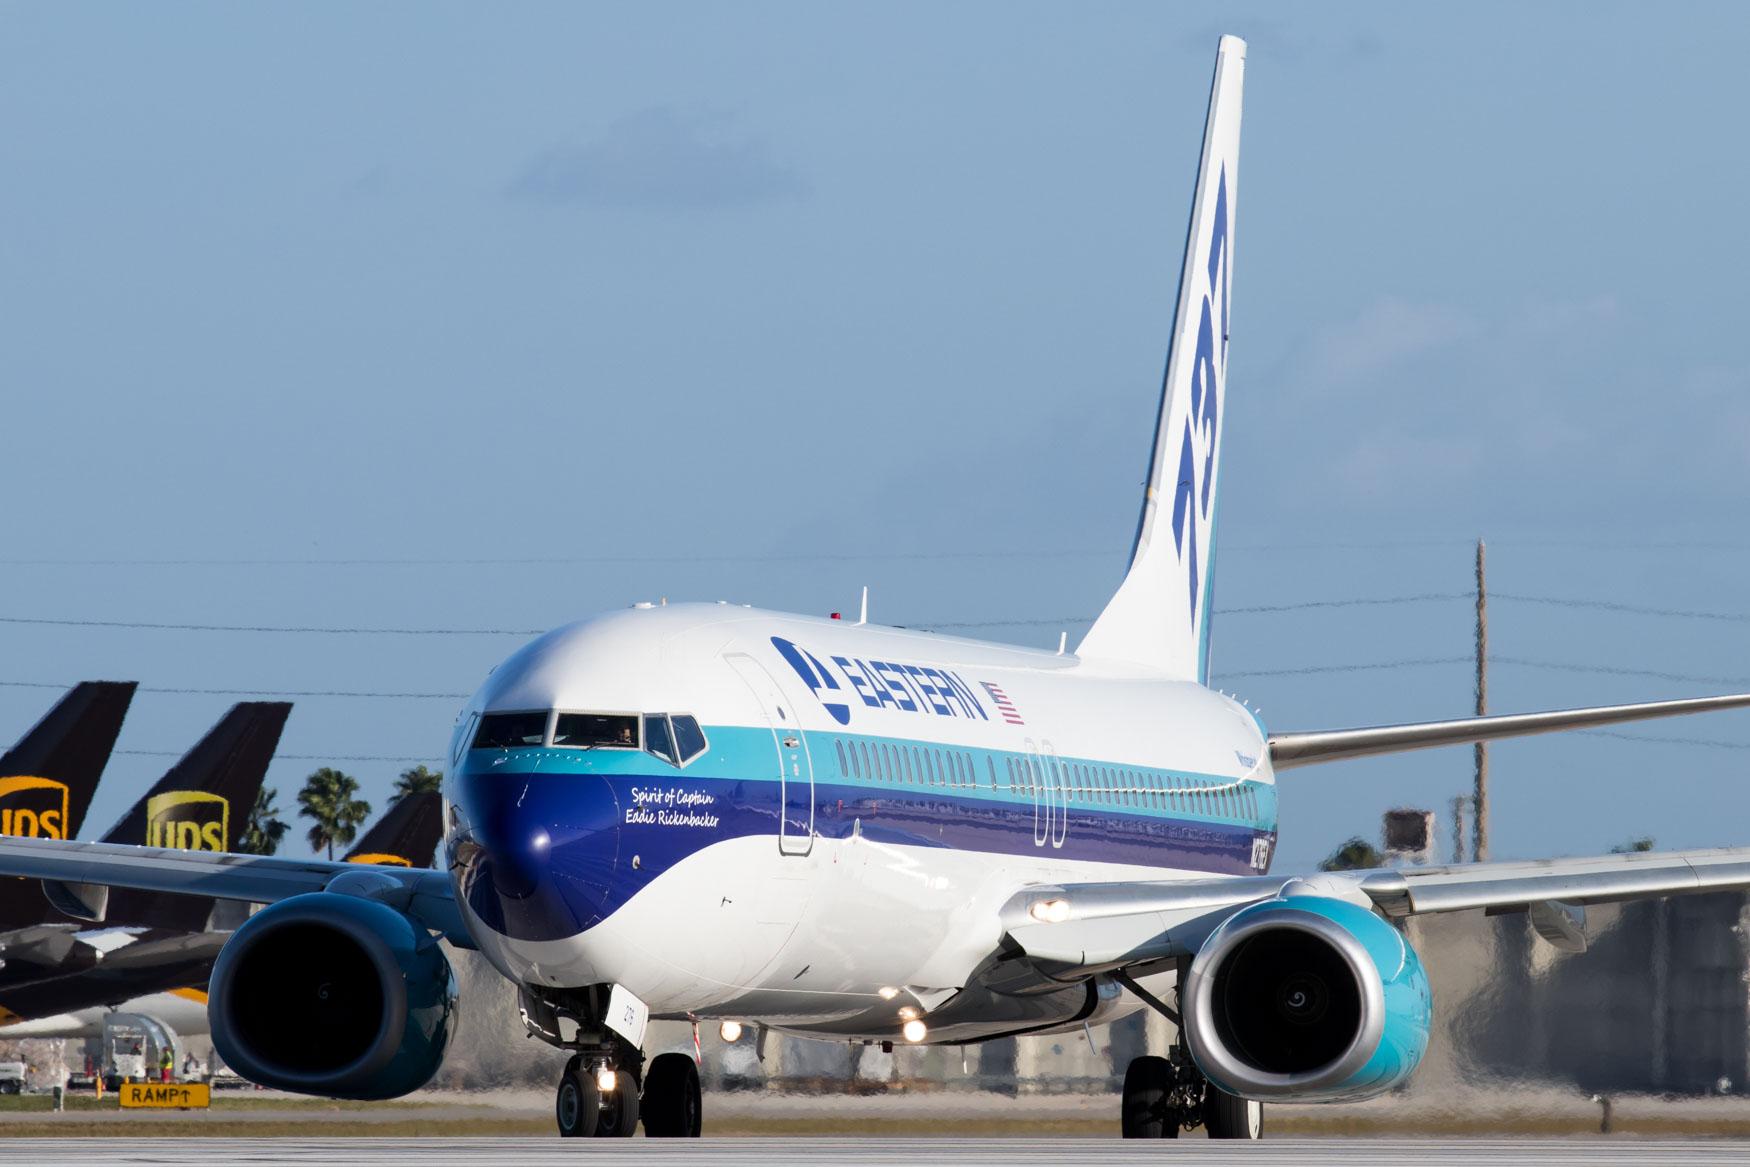 Eastern Air Lines Boeing 737-800